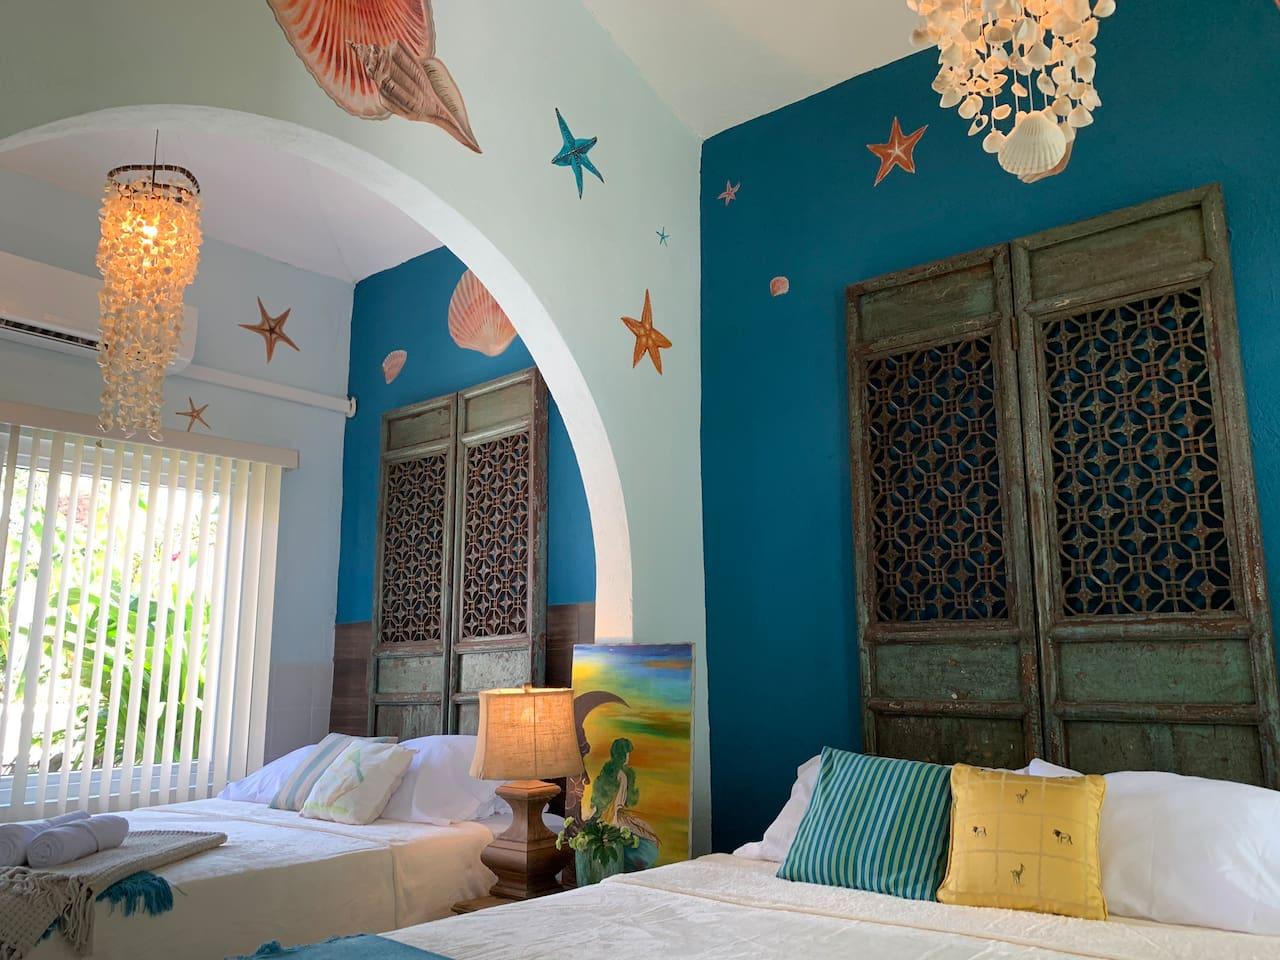 Nuestra sencilla pero Imponente vista de nuestra suite La Perla esperándote para disfrutar de este paradisiaco lugar